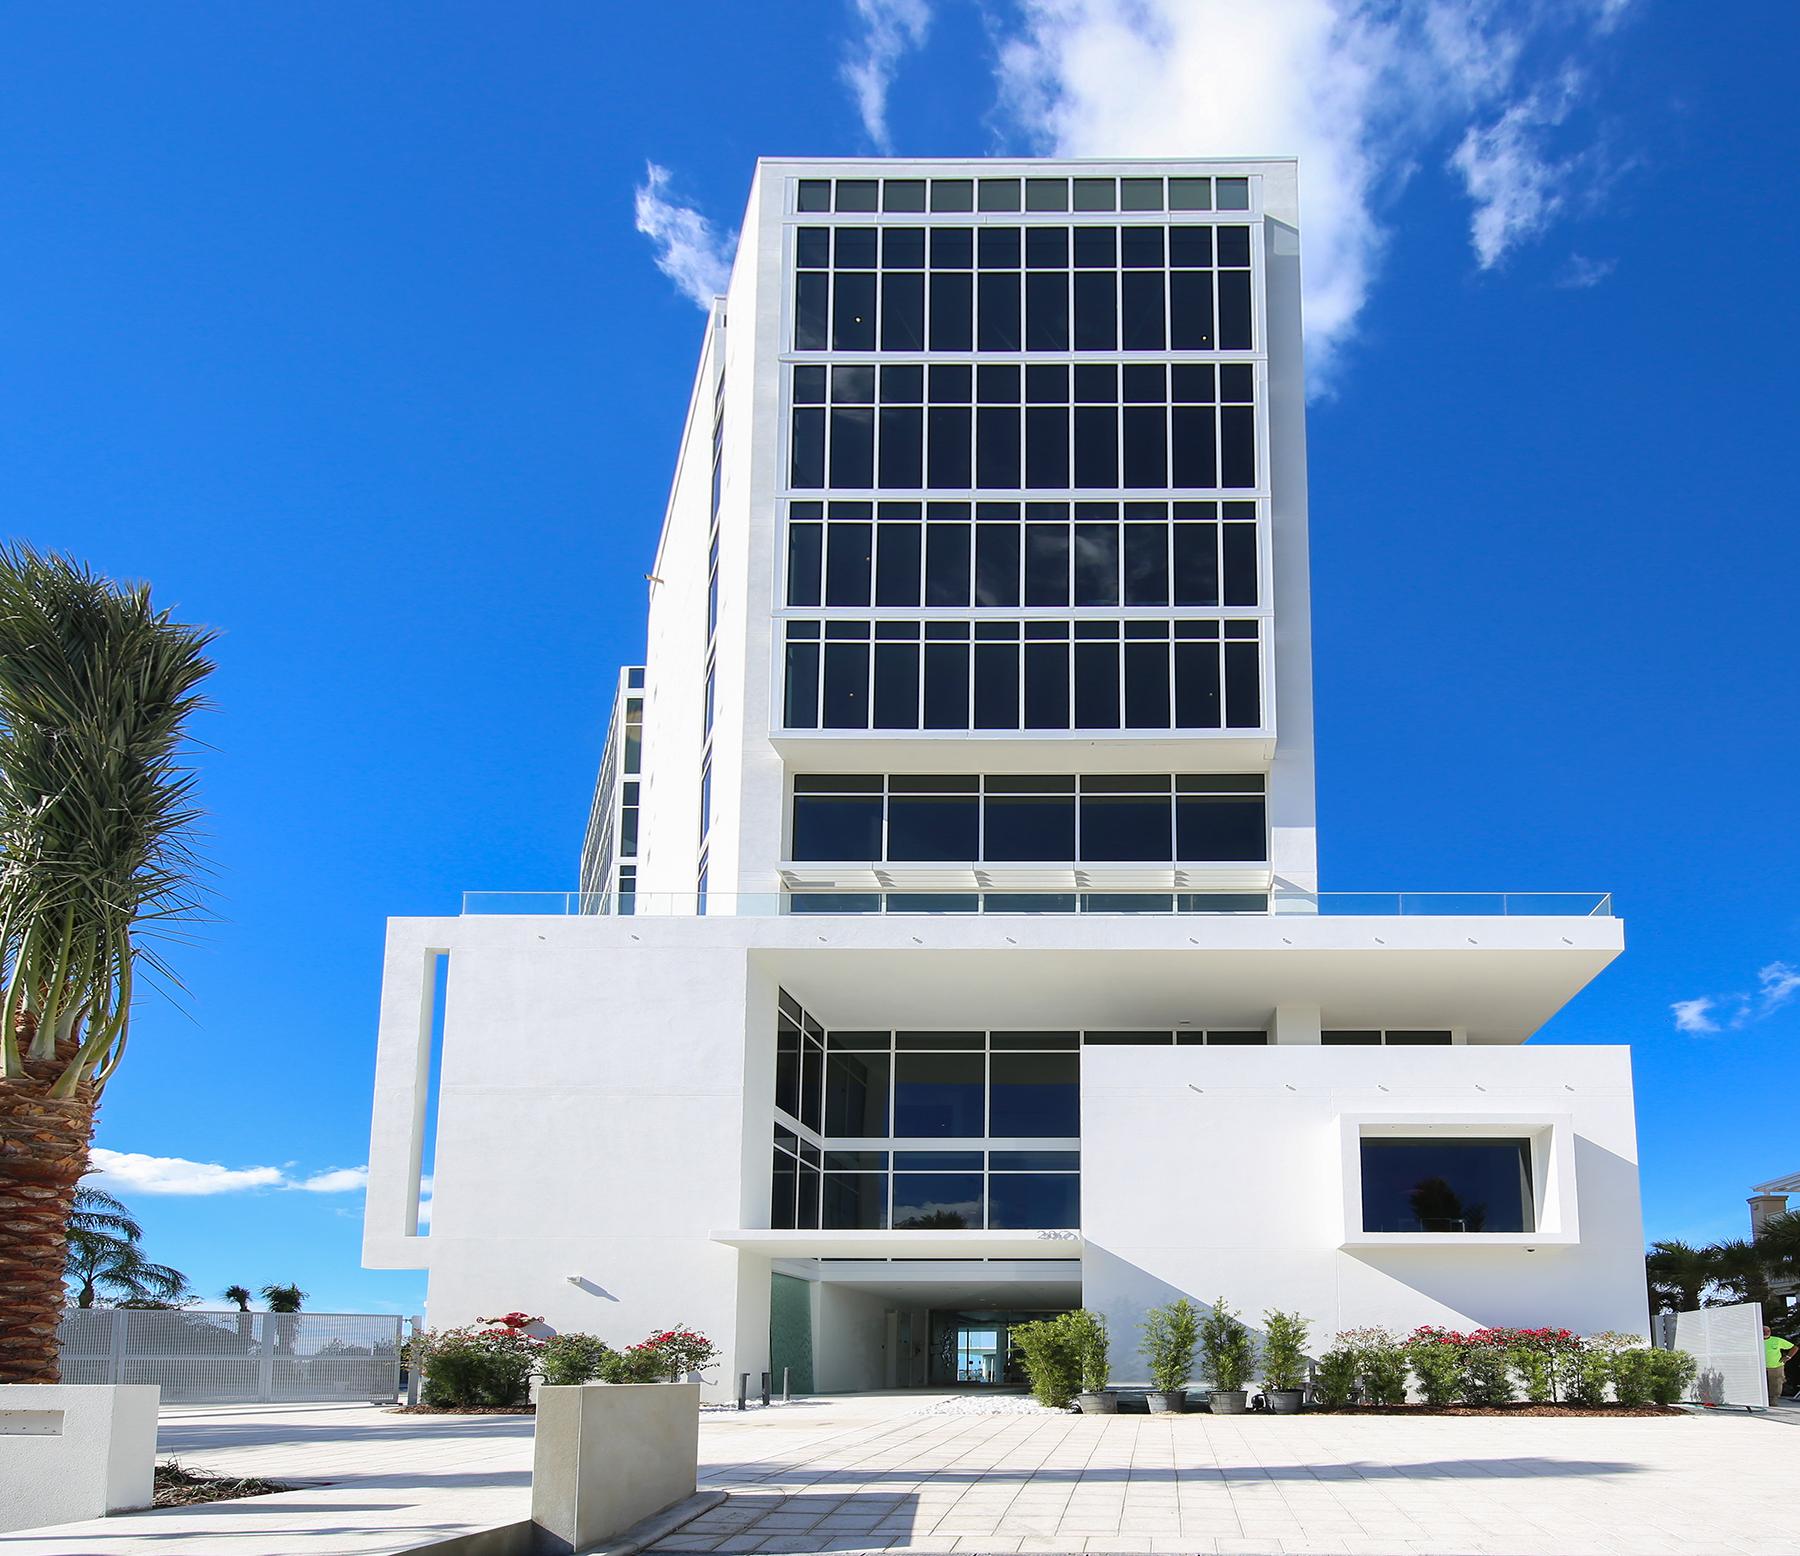 コンドミニアム のために 売買 アット AQUA 280 Golden Gate Pt 2 Sarasota, フロリダ, 34236 アメリカ合衆国